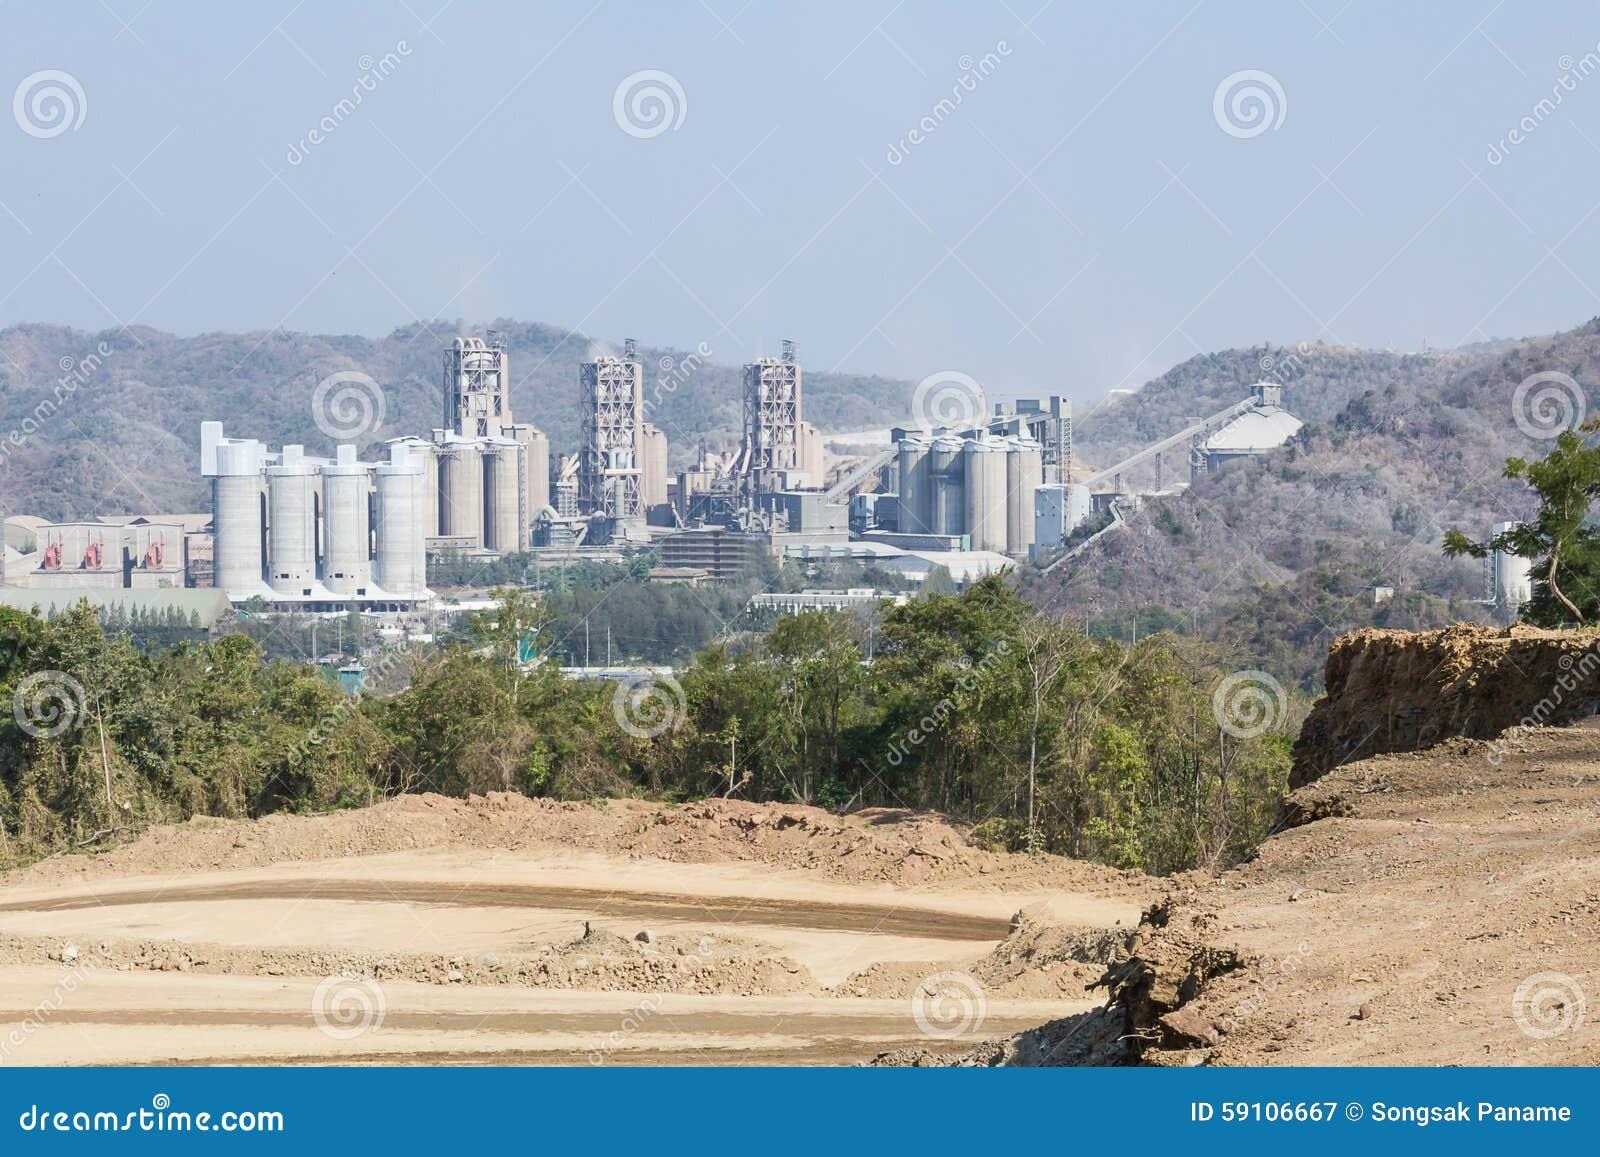 山的水泥工厂